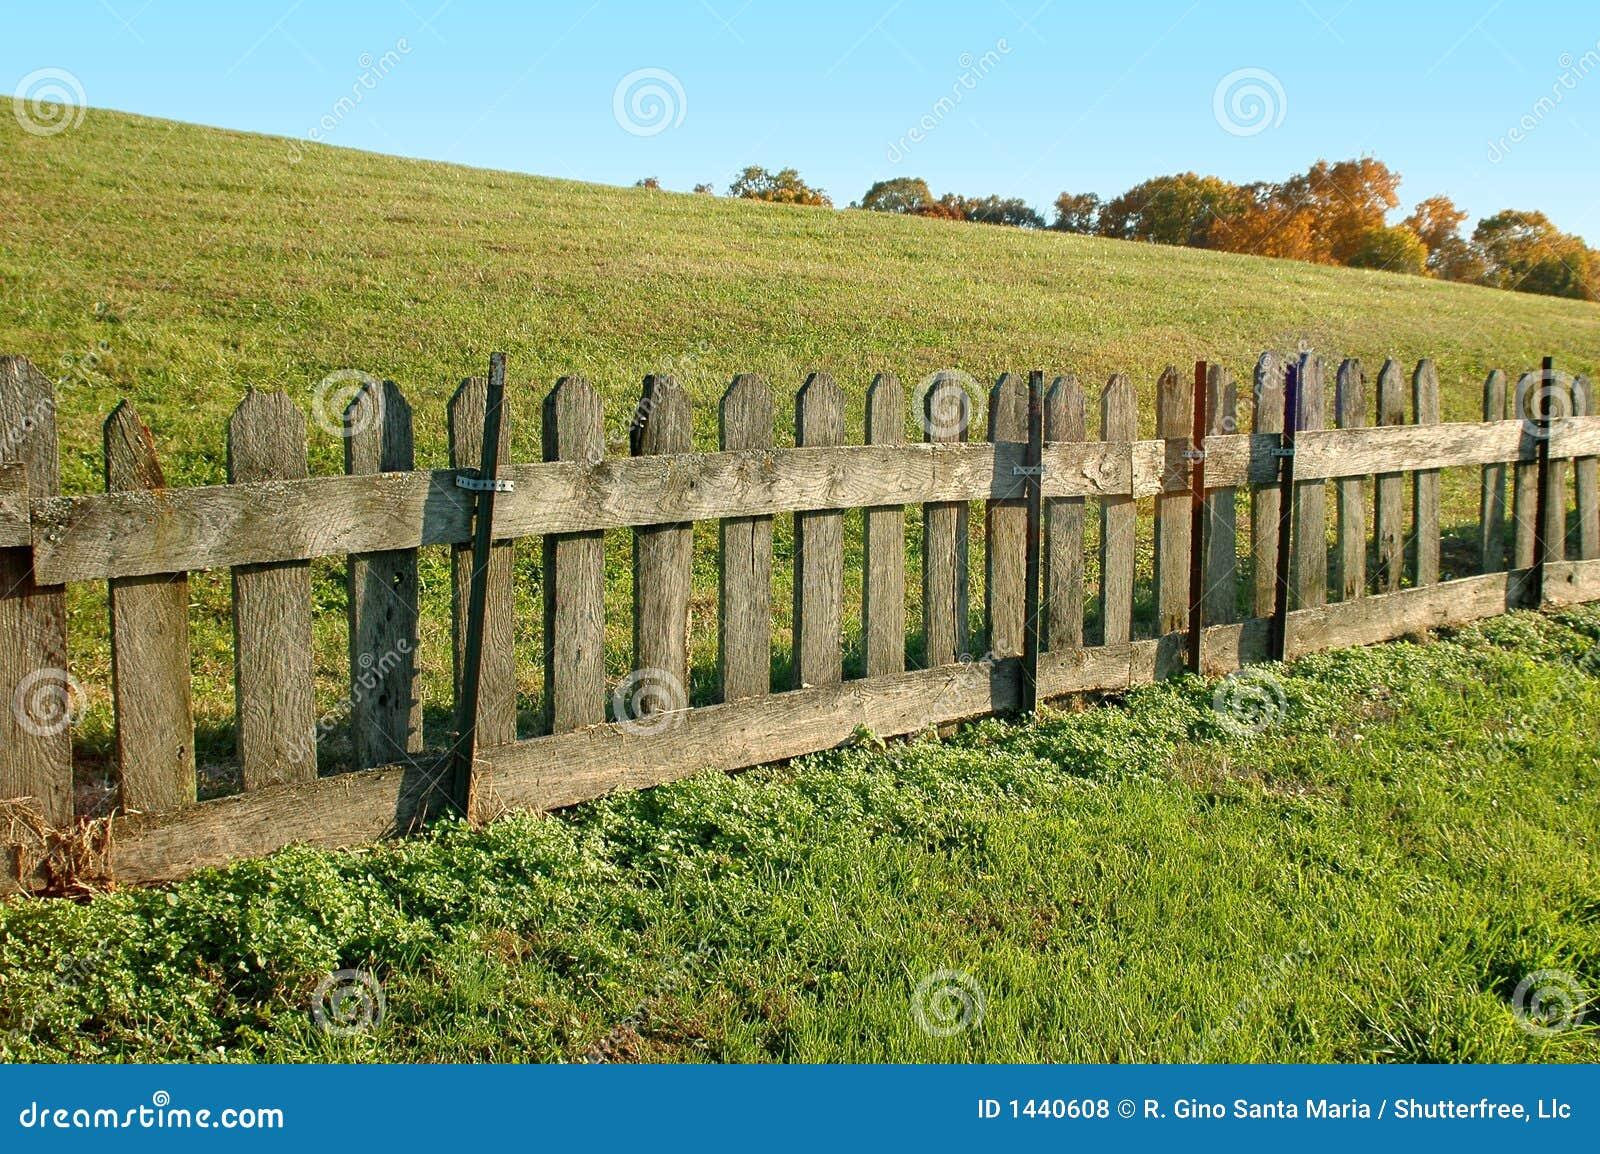 Old wood fence stock photo image of joyful property